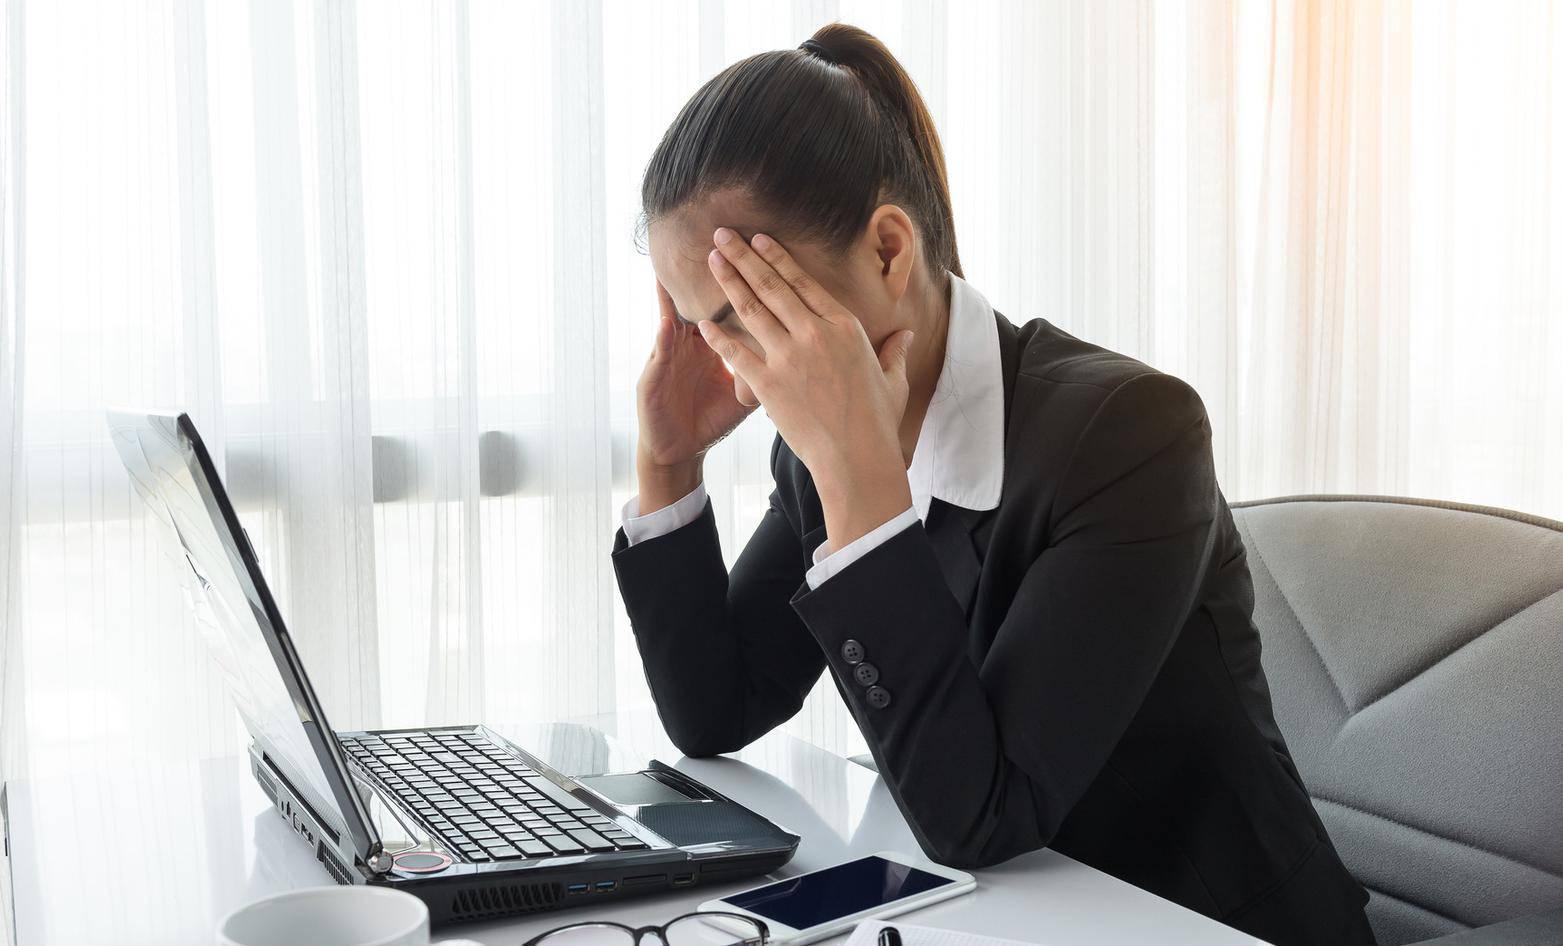 Dobili ste otkaz ili želite otići, a tržište rada nikad neizvjesnije? Za teške odluke, zavirite u sebe